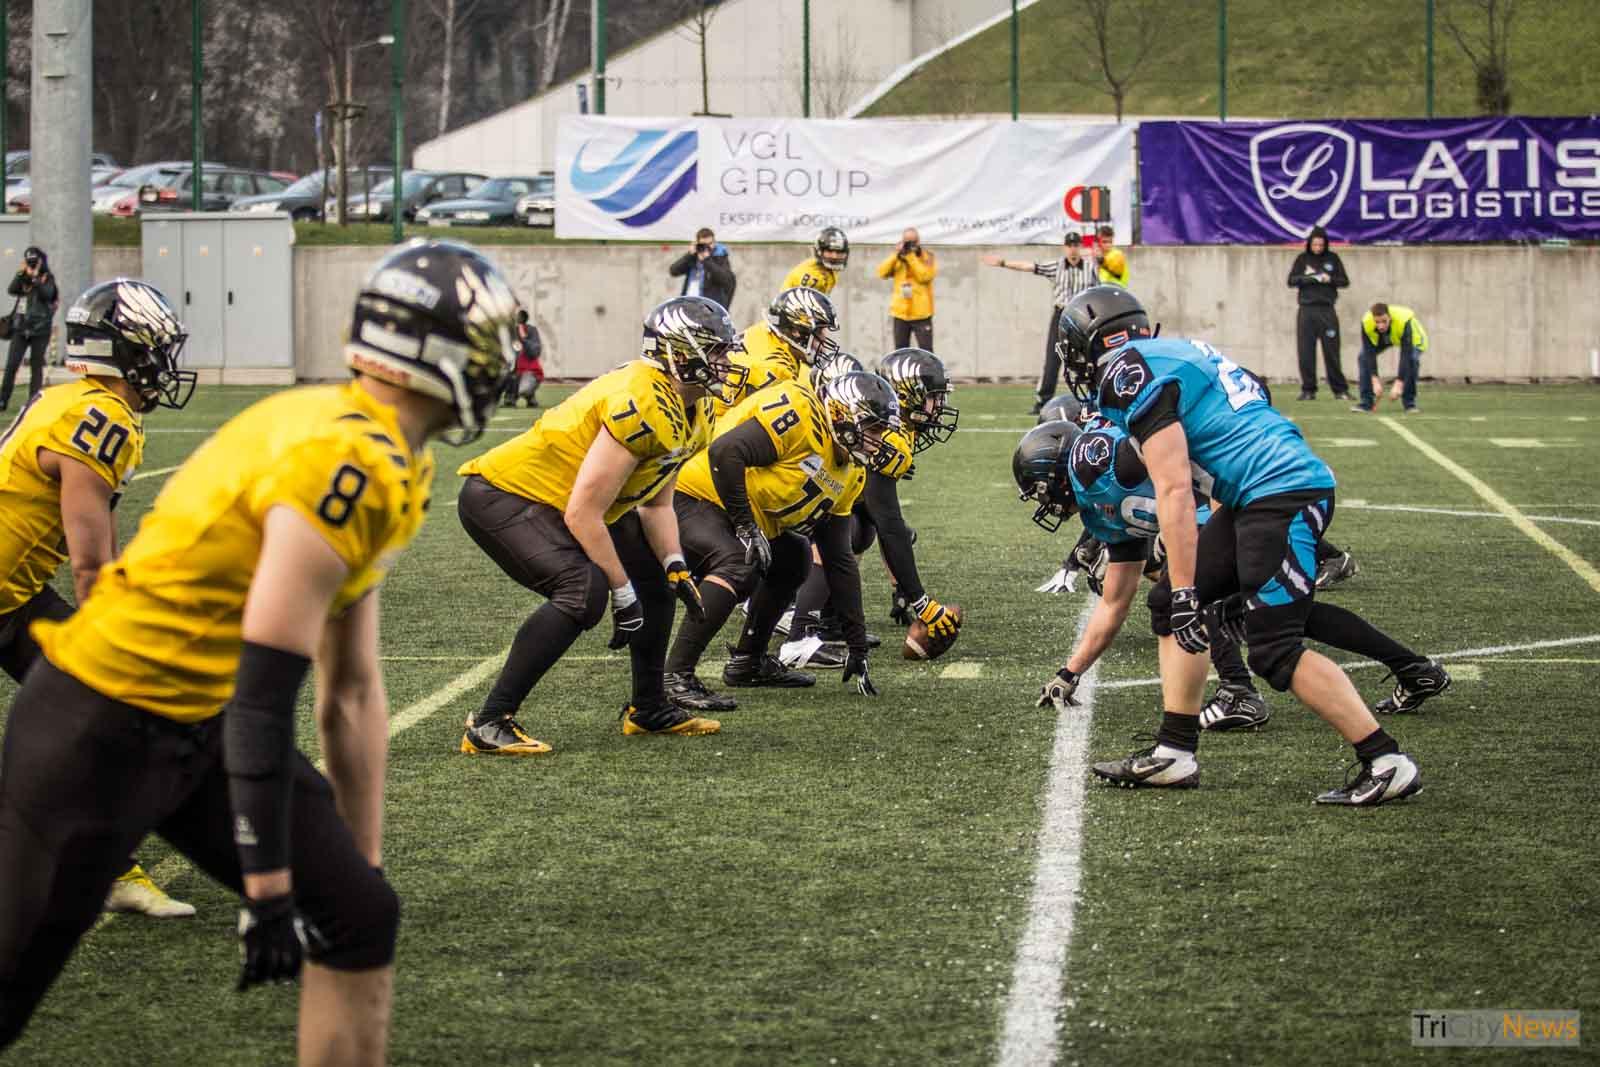 Seahawks Gdynia Panthers Wroclaw Photo Jakub Woźniak